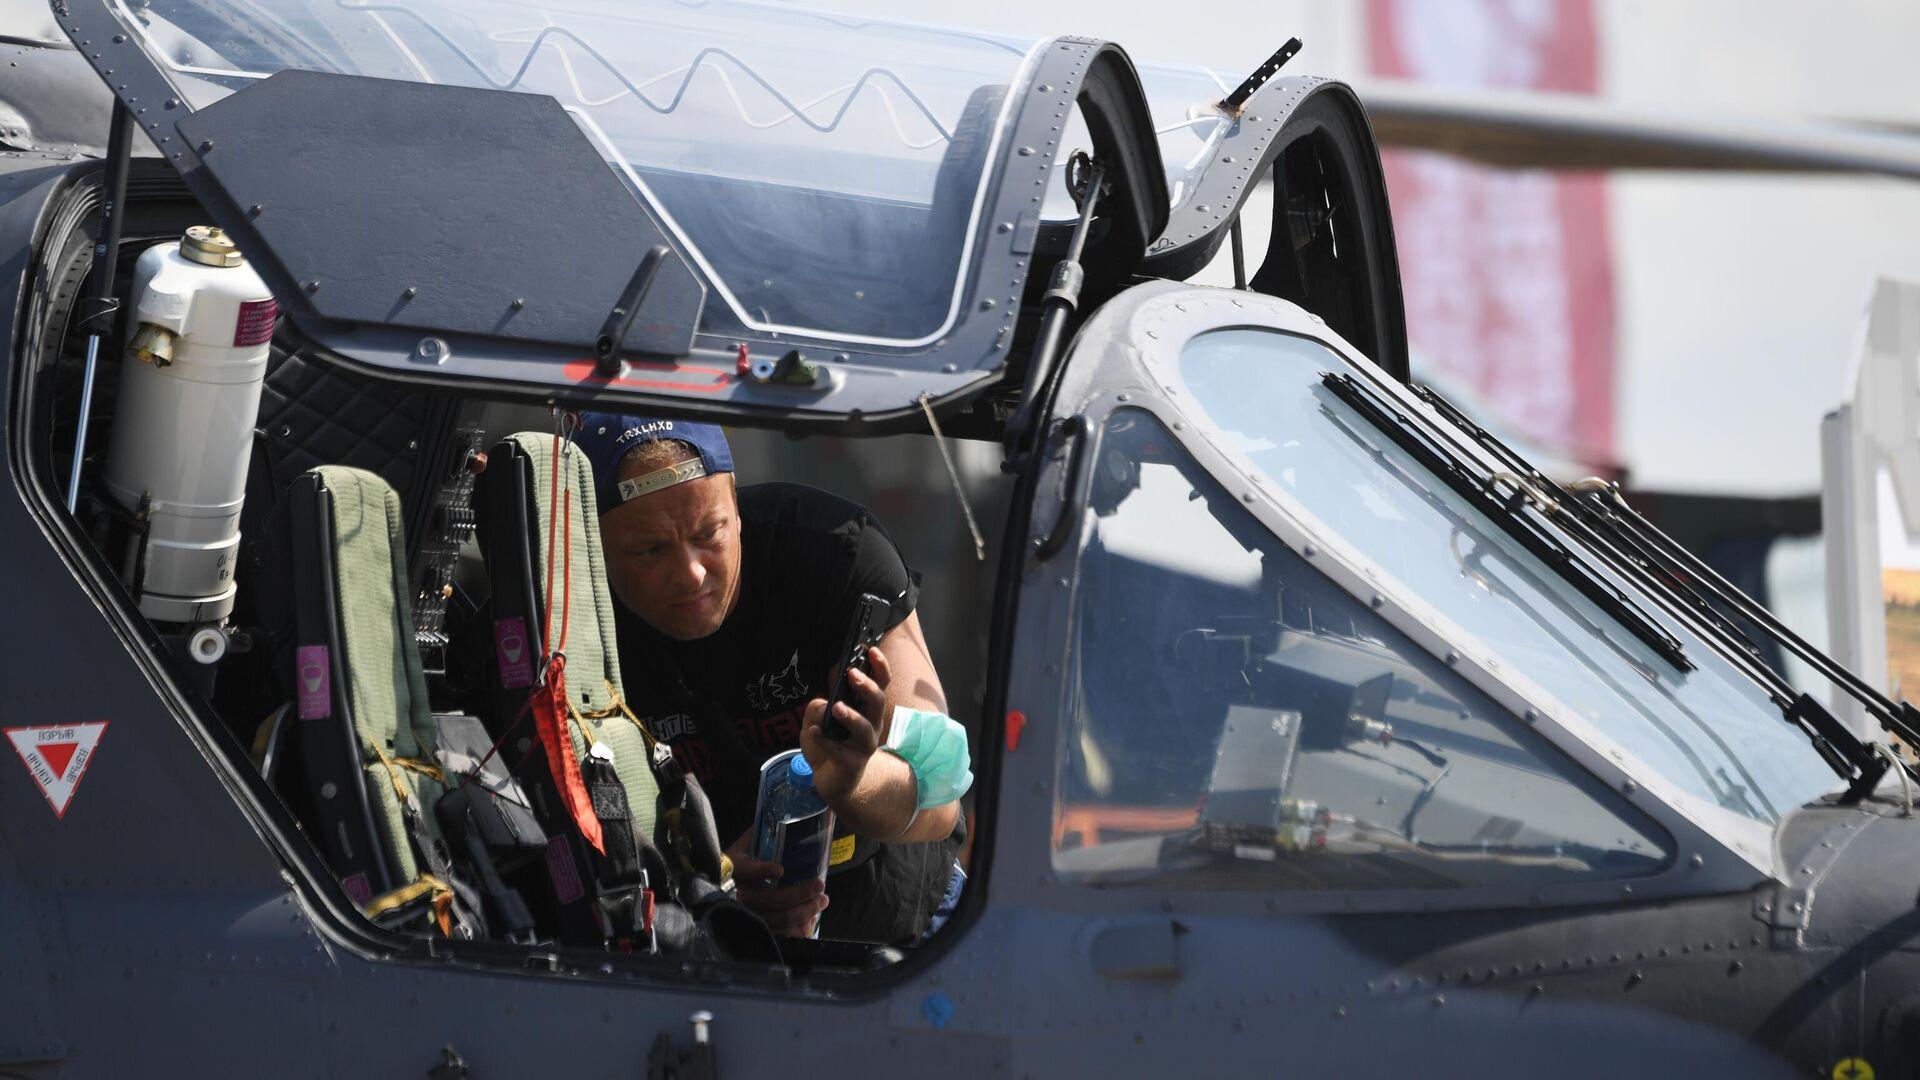 Посетитель фотографирует кабину российского разведывательно-ударного вертолета Ка-52 на Международном авиационно-космическом салоне МАКС-2021 - РИА Новости, 1920, 22.07.2021